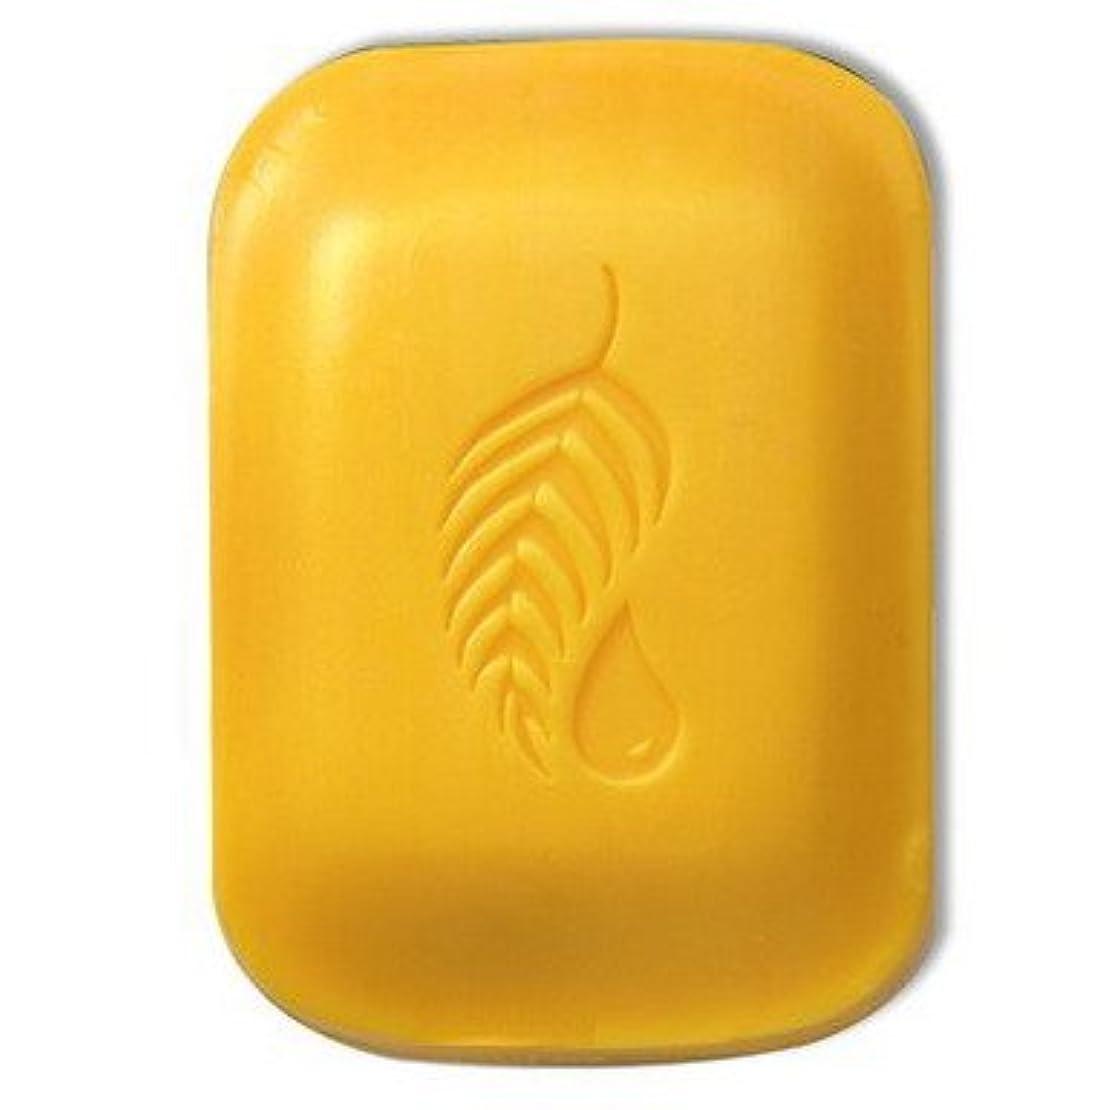 床フルーツ聴覚障害者【Melaleuca(メラルーカ)】ゴールド バー トライアルサイズ42.5g [並行輸入品]